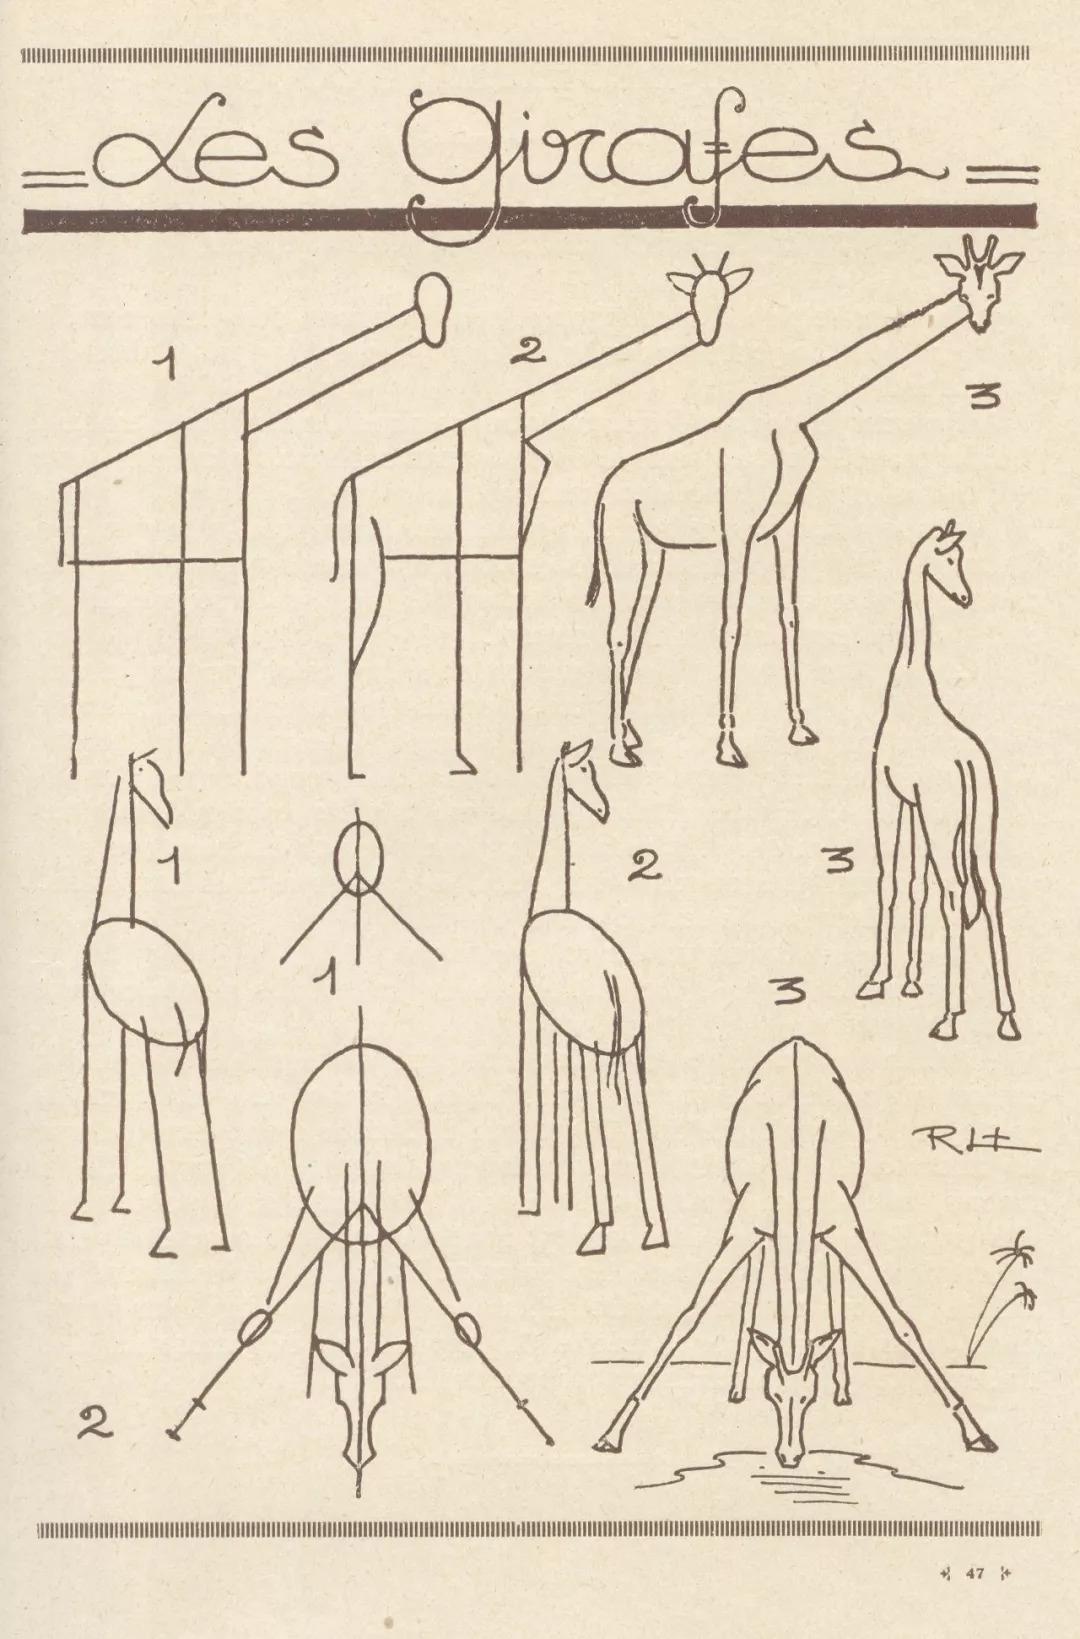 1分钟,5个步骤,轻松画出猫狗兔蝴蝶大象各种小动物 这些简笔画的小教程,真的又实用又可爱 线条